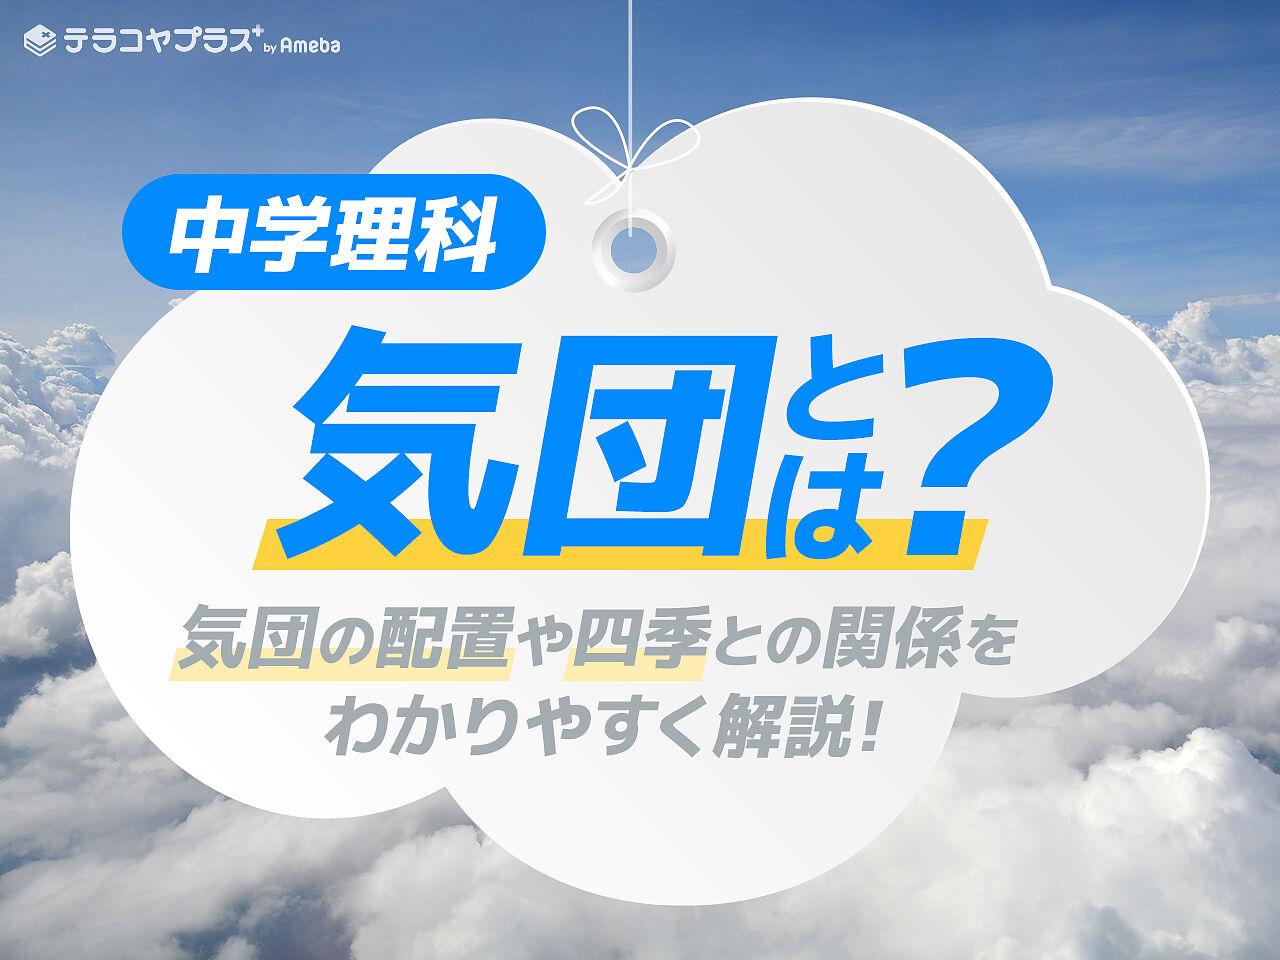 気団とは?日本周辺の4種類の配置や四季との関係を解説【中学理科】の画像